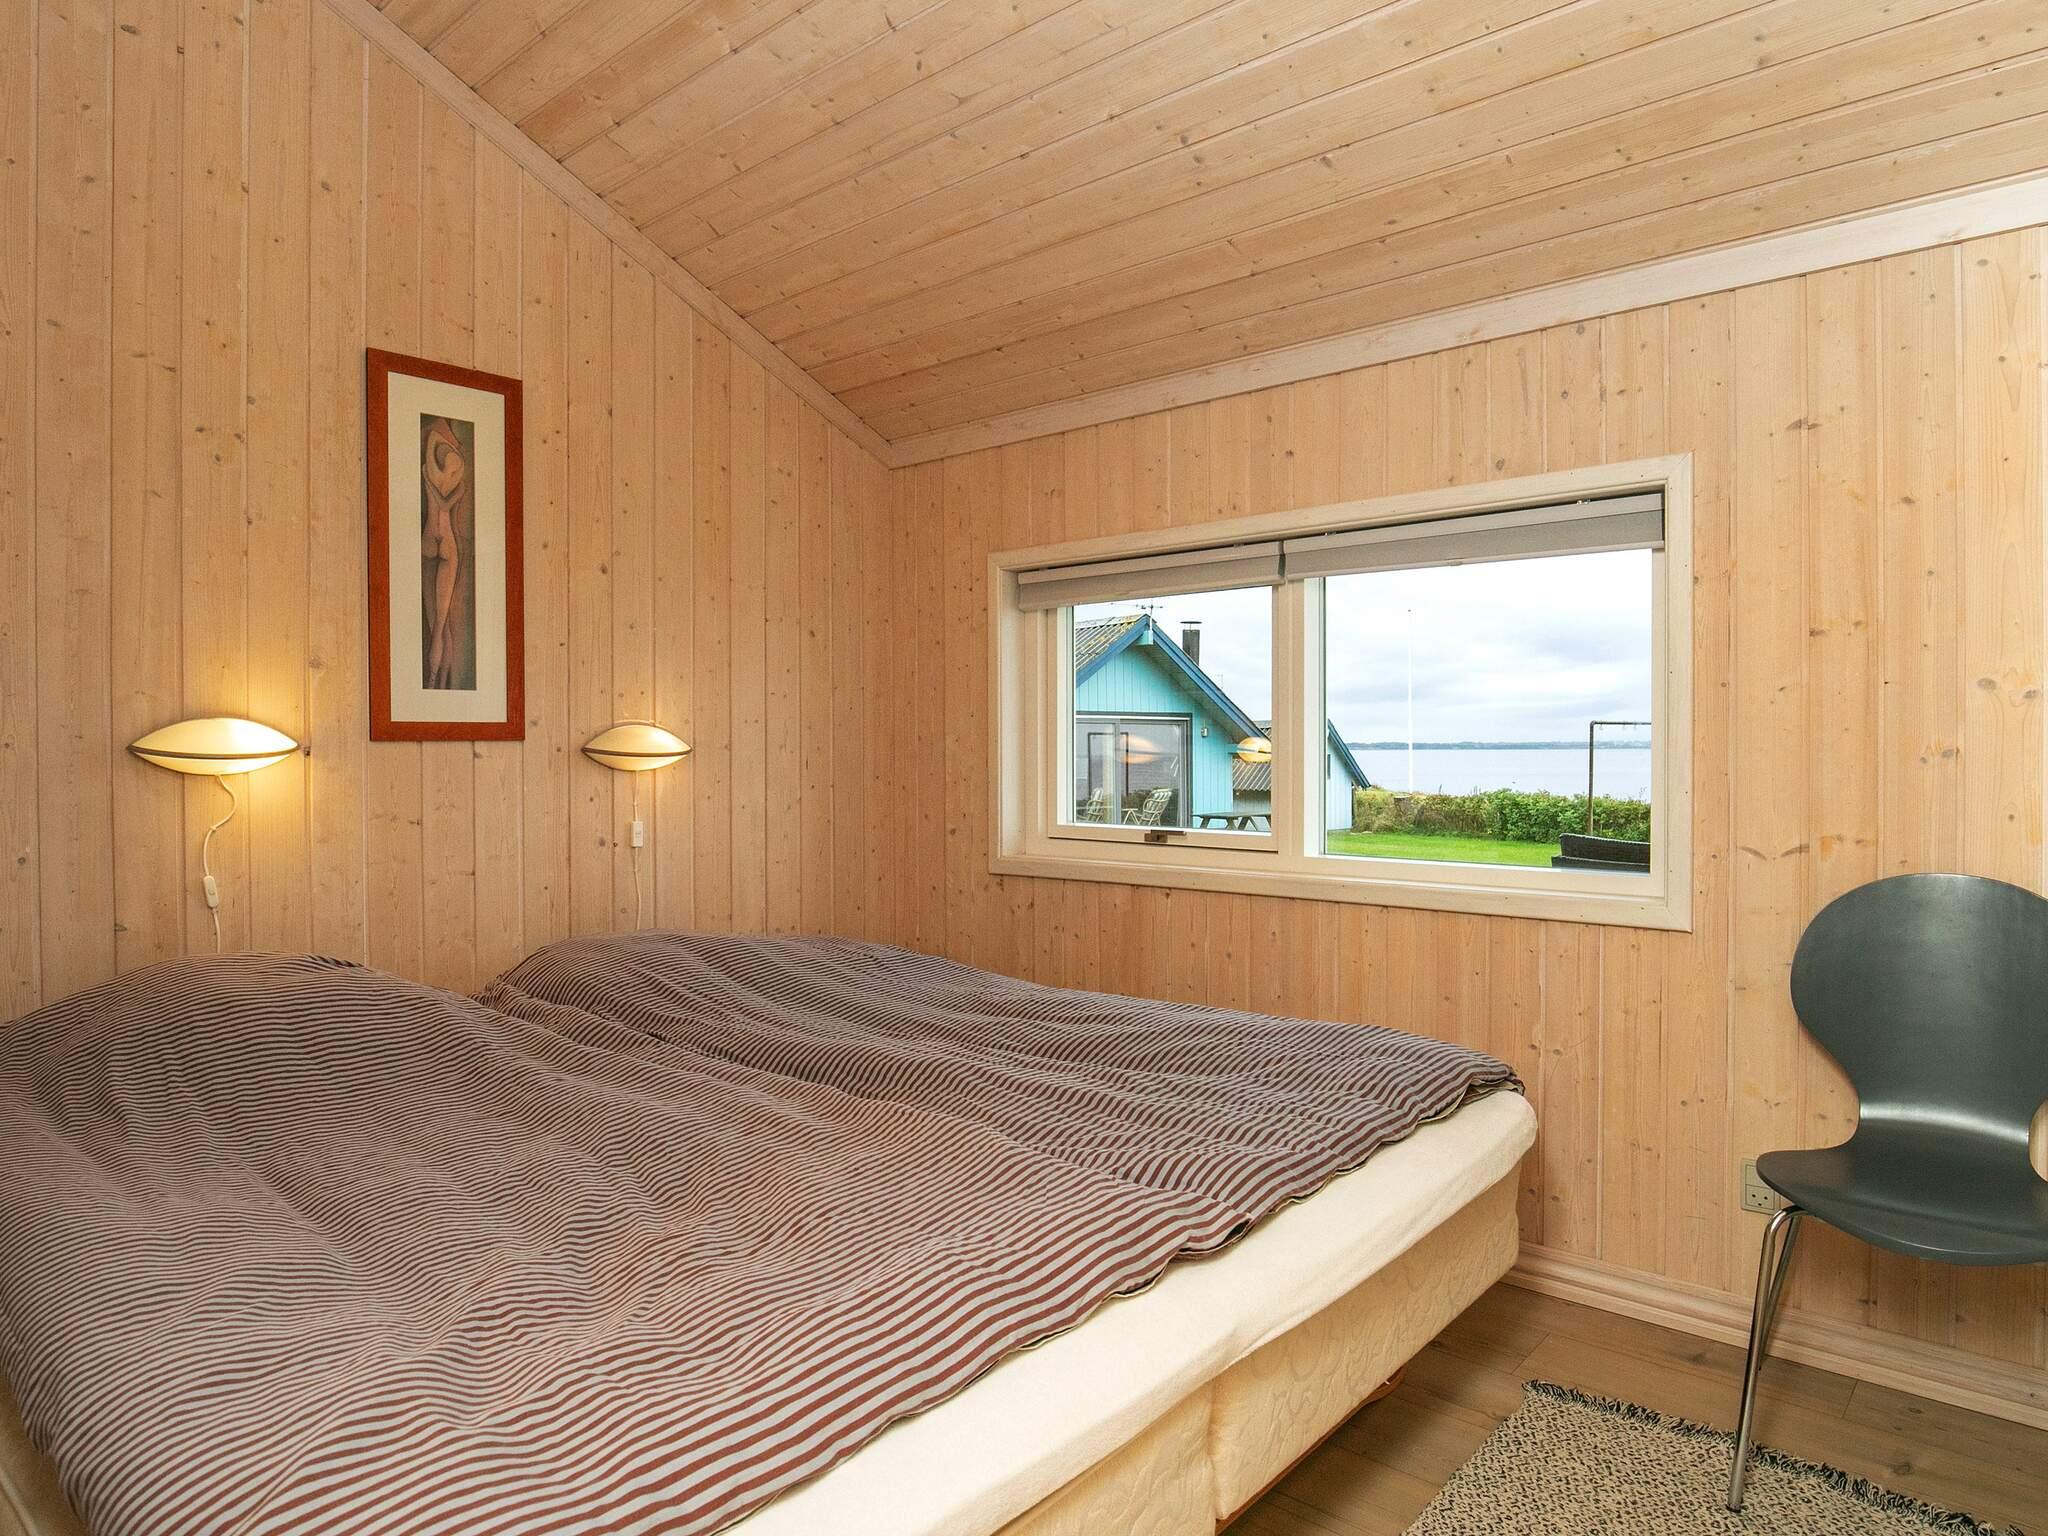 Ferienhaus Handbjerg (331046), Handbjerg, , Westjütland, Dänemark, Bild 12